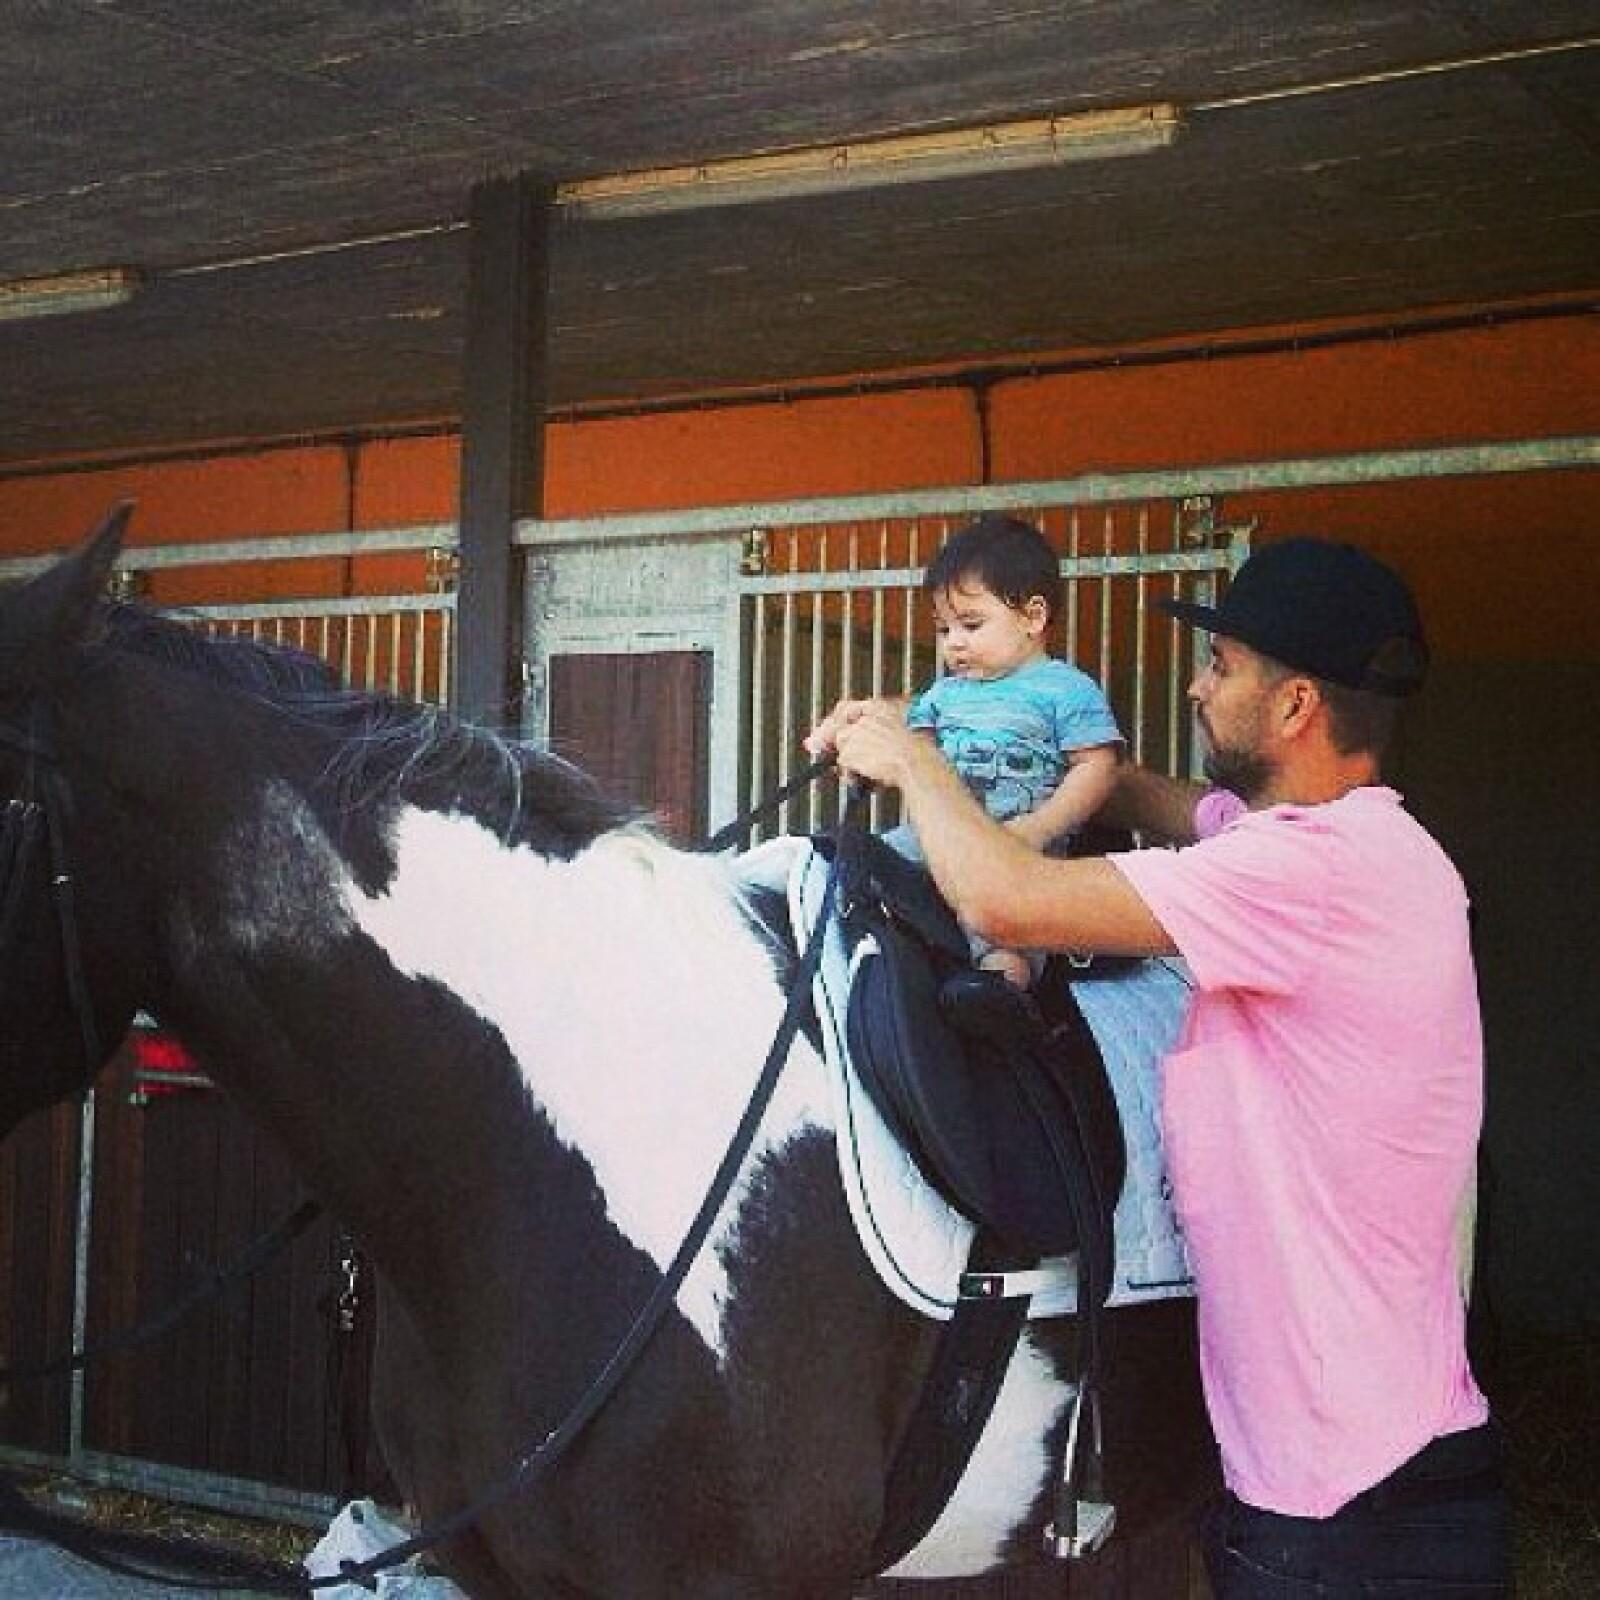 Gerard Piqué enseñando a Milan a montar un caballo.